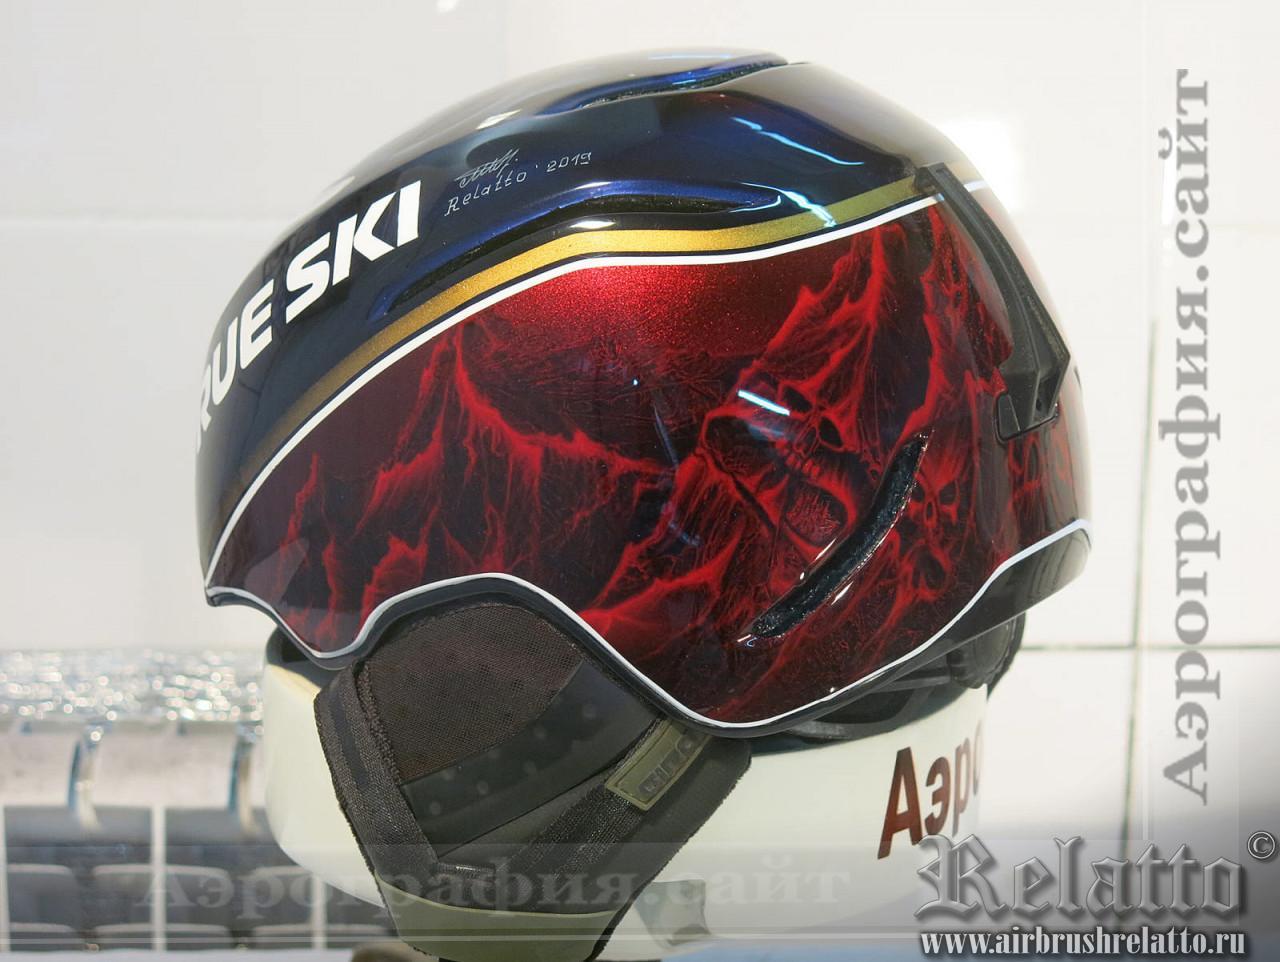 лыжный шлем в Краснодаре